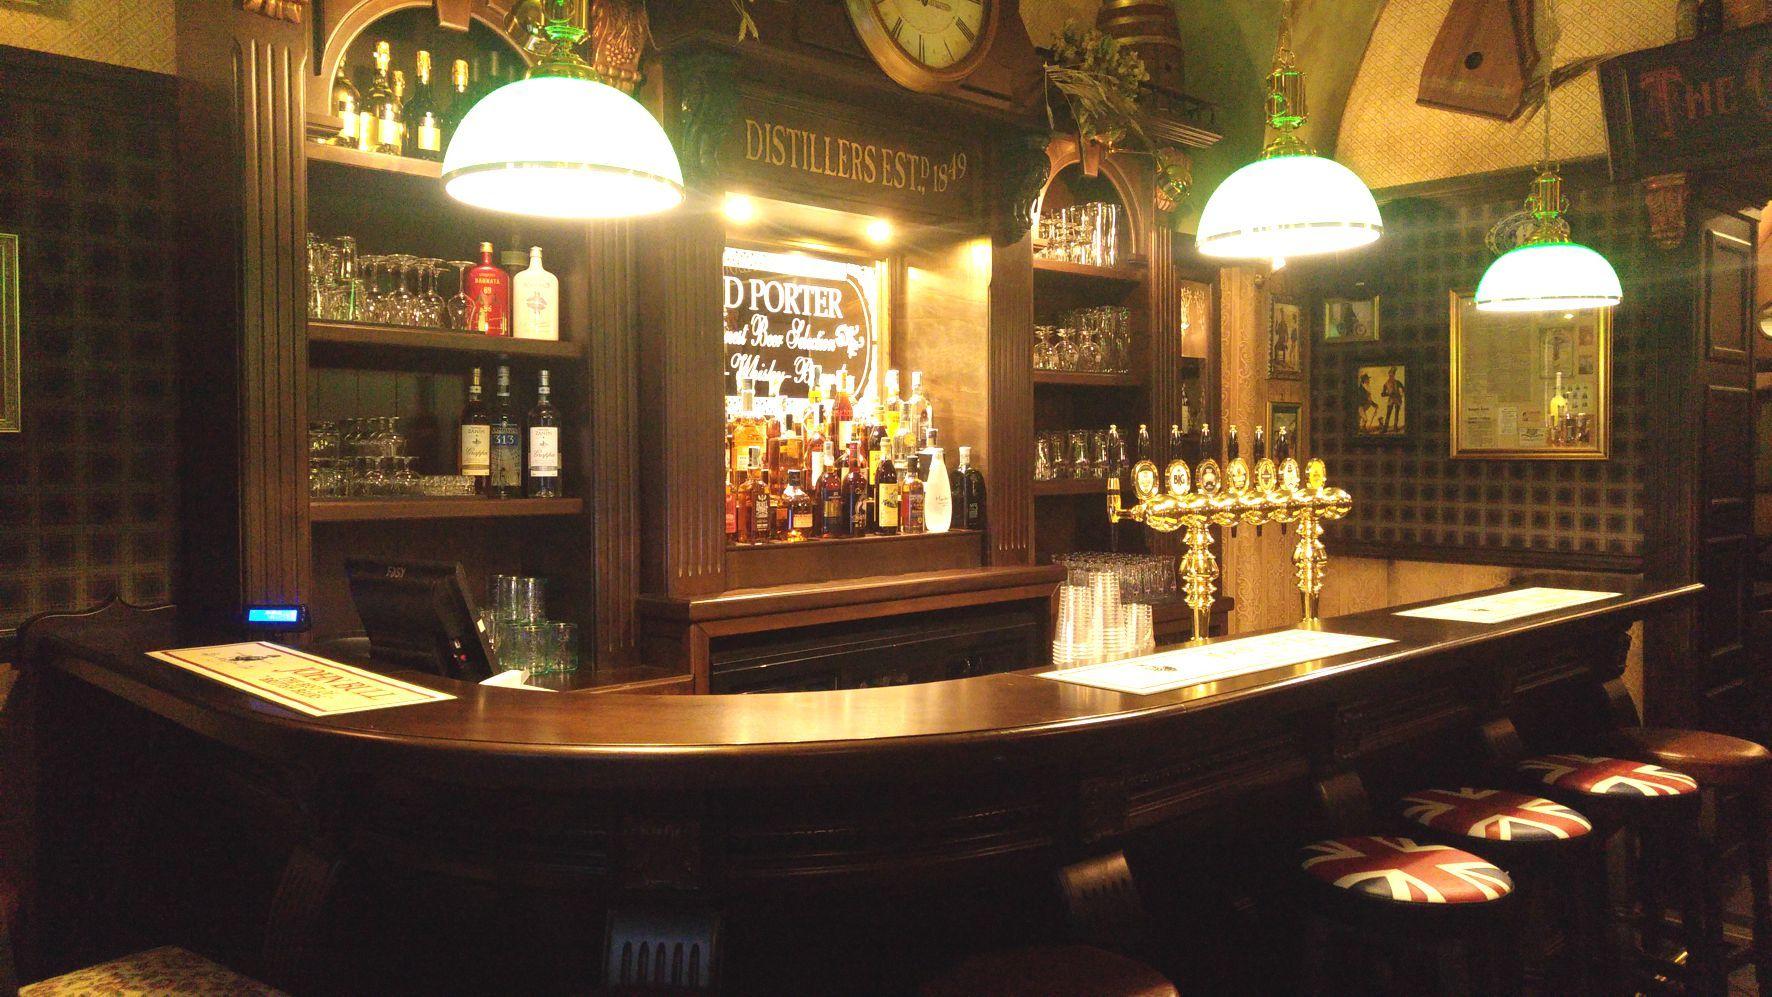 Arredamento Bar Stile Vintage : Arredamento in stile industriale un pub ristorante svela il suo